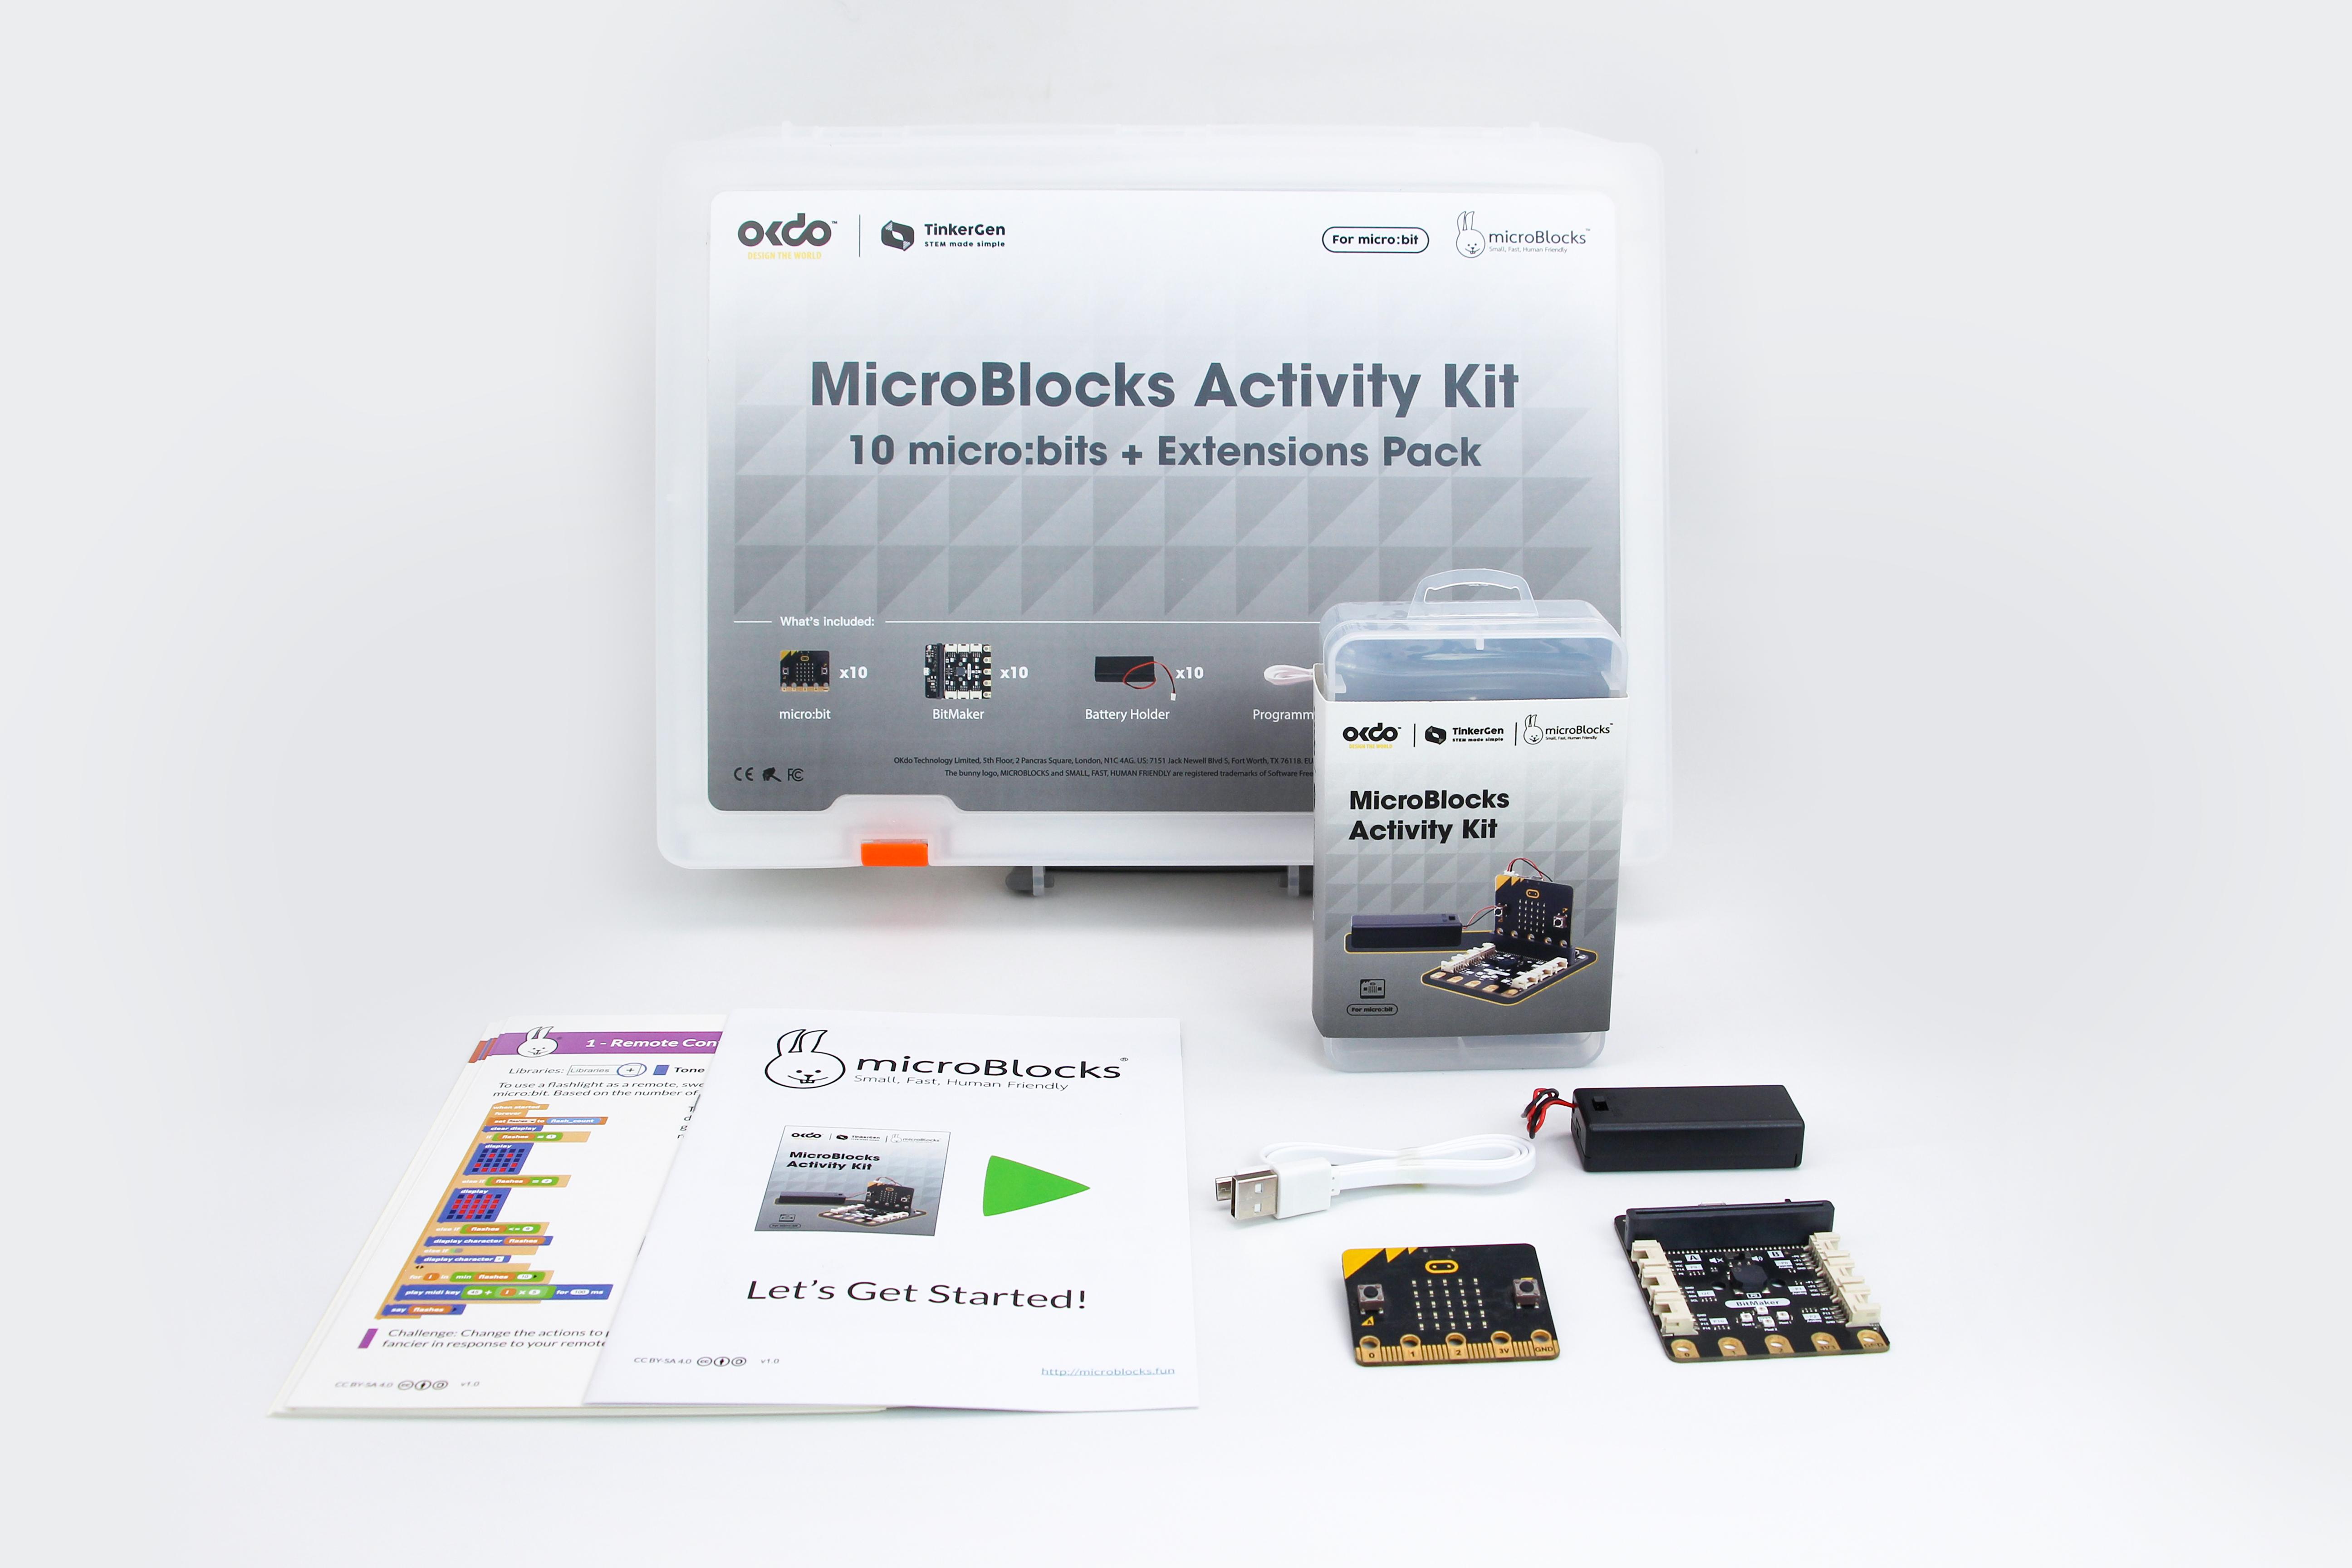 OKdo MicroBlocks Classroom Activity Kit